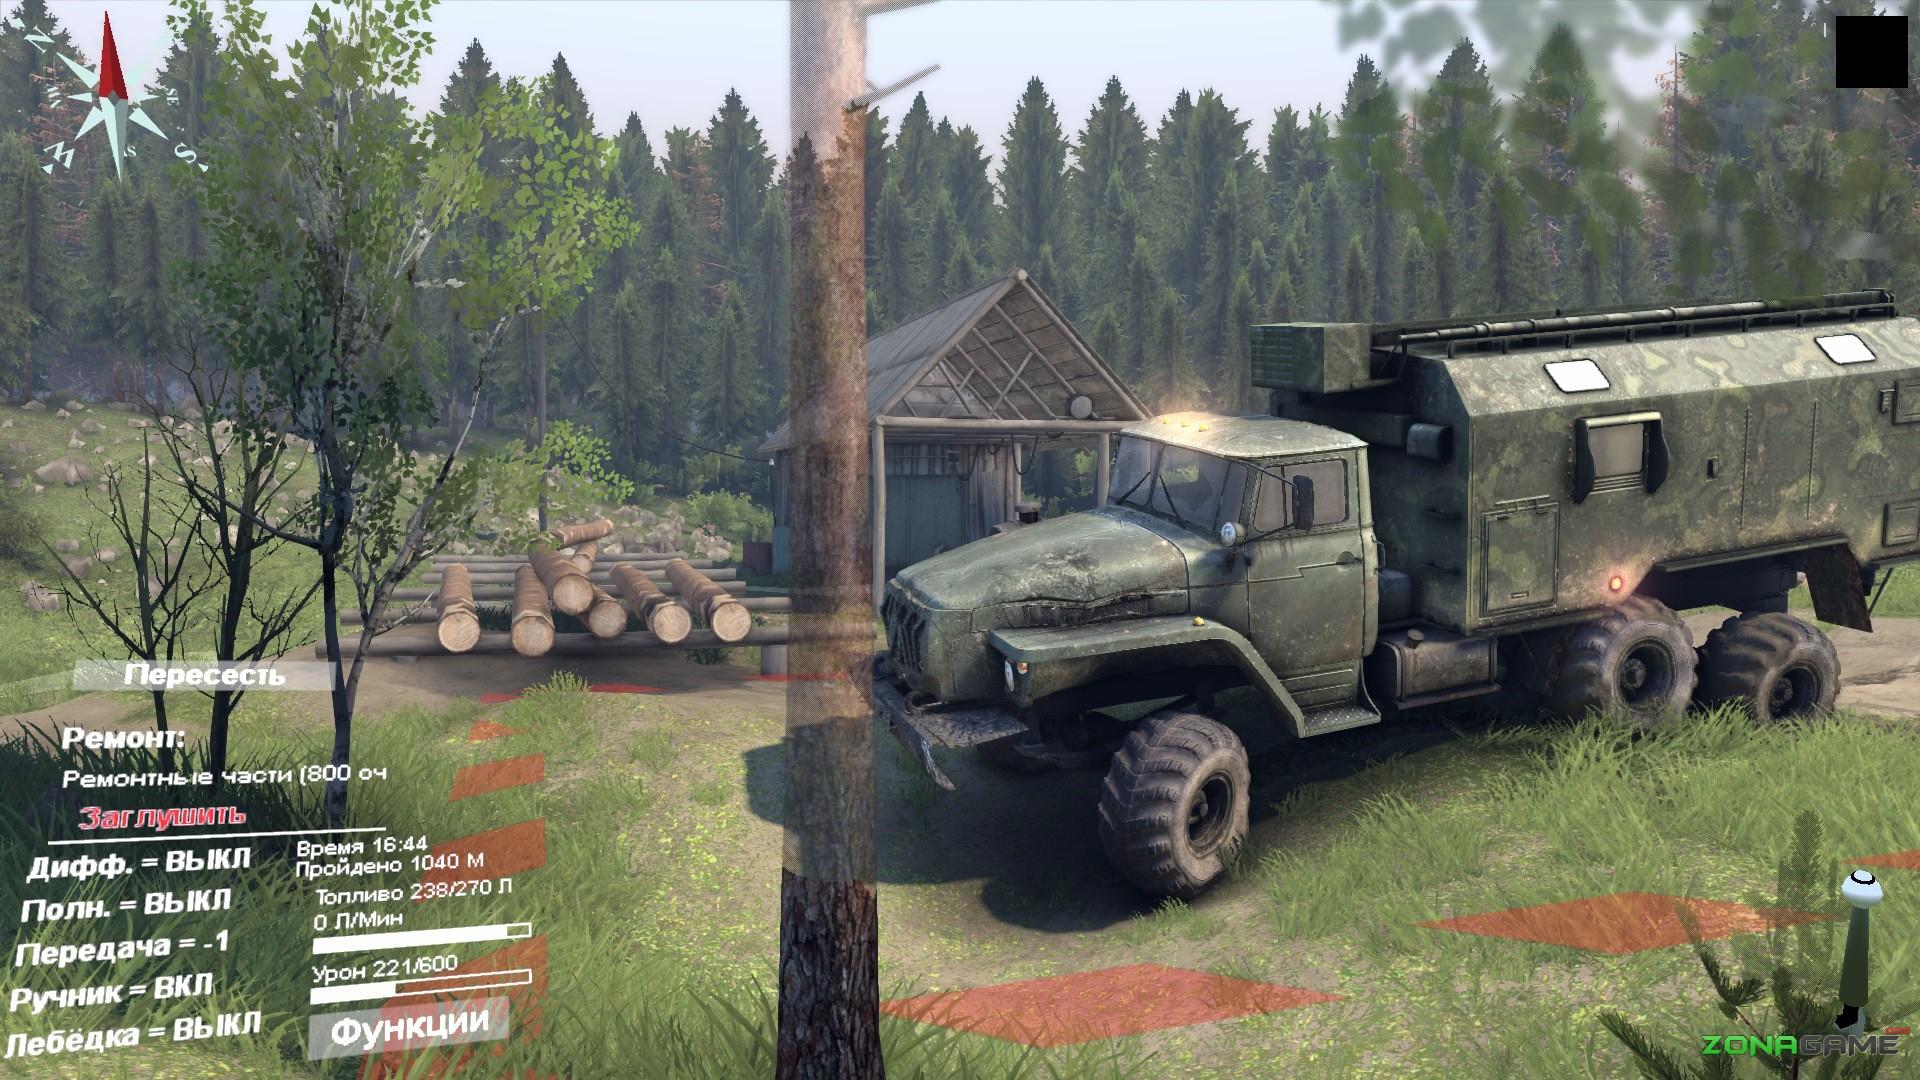 Скачать игру Spin Tires 2012 через торрент на русском